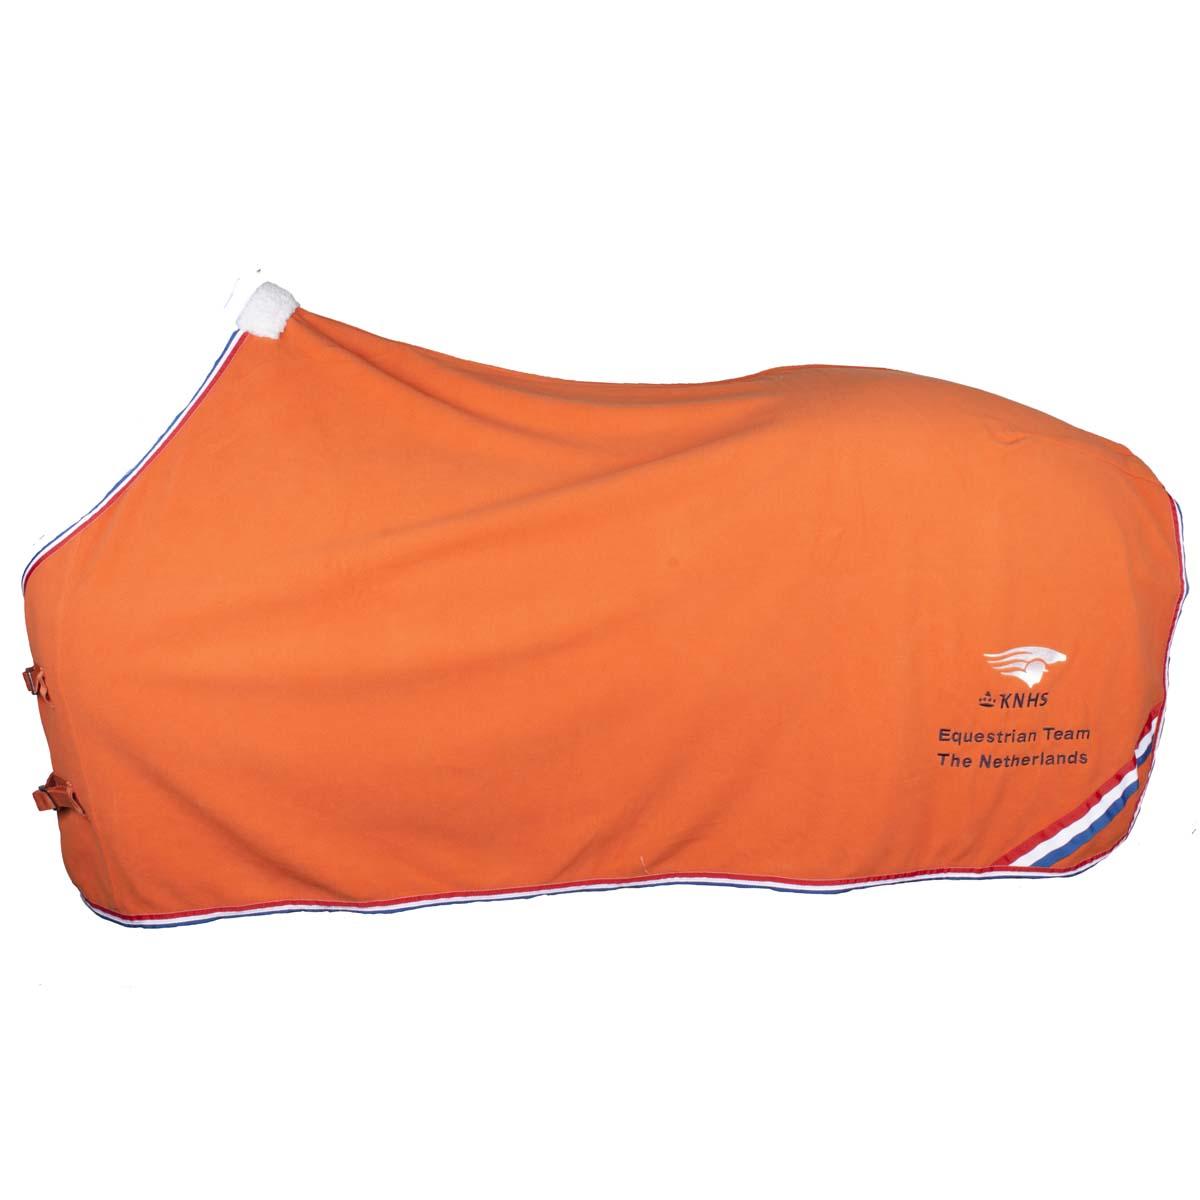 KNHS Team fleece deken oranje maat:205